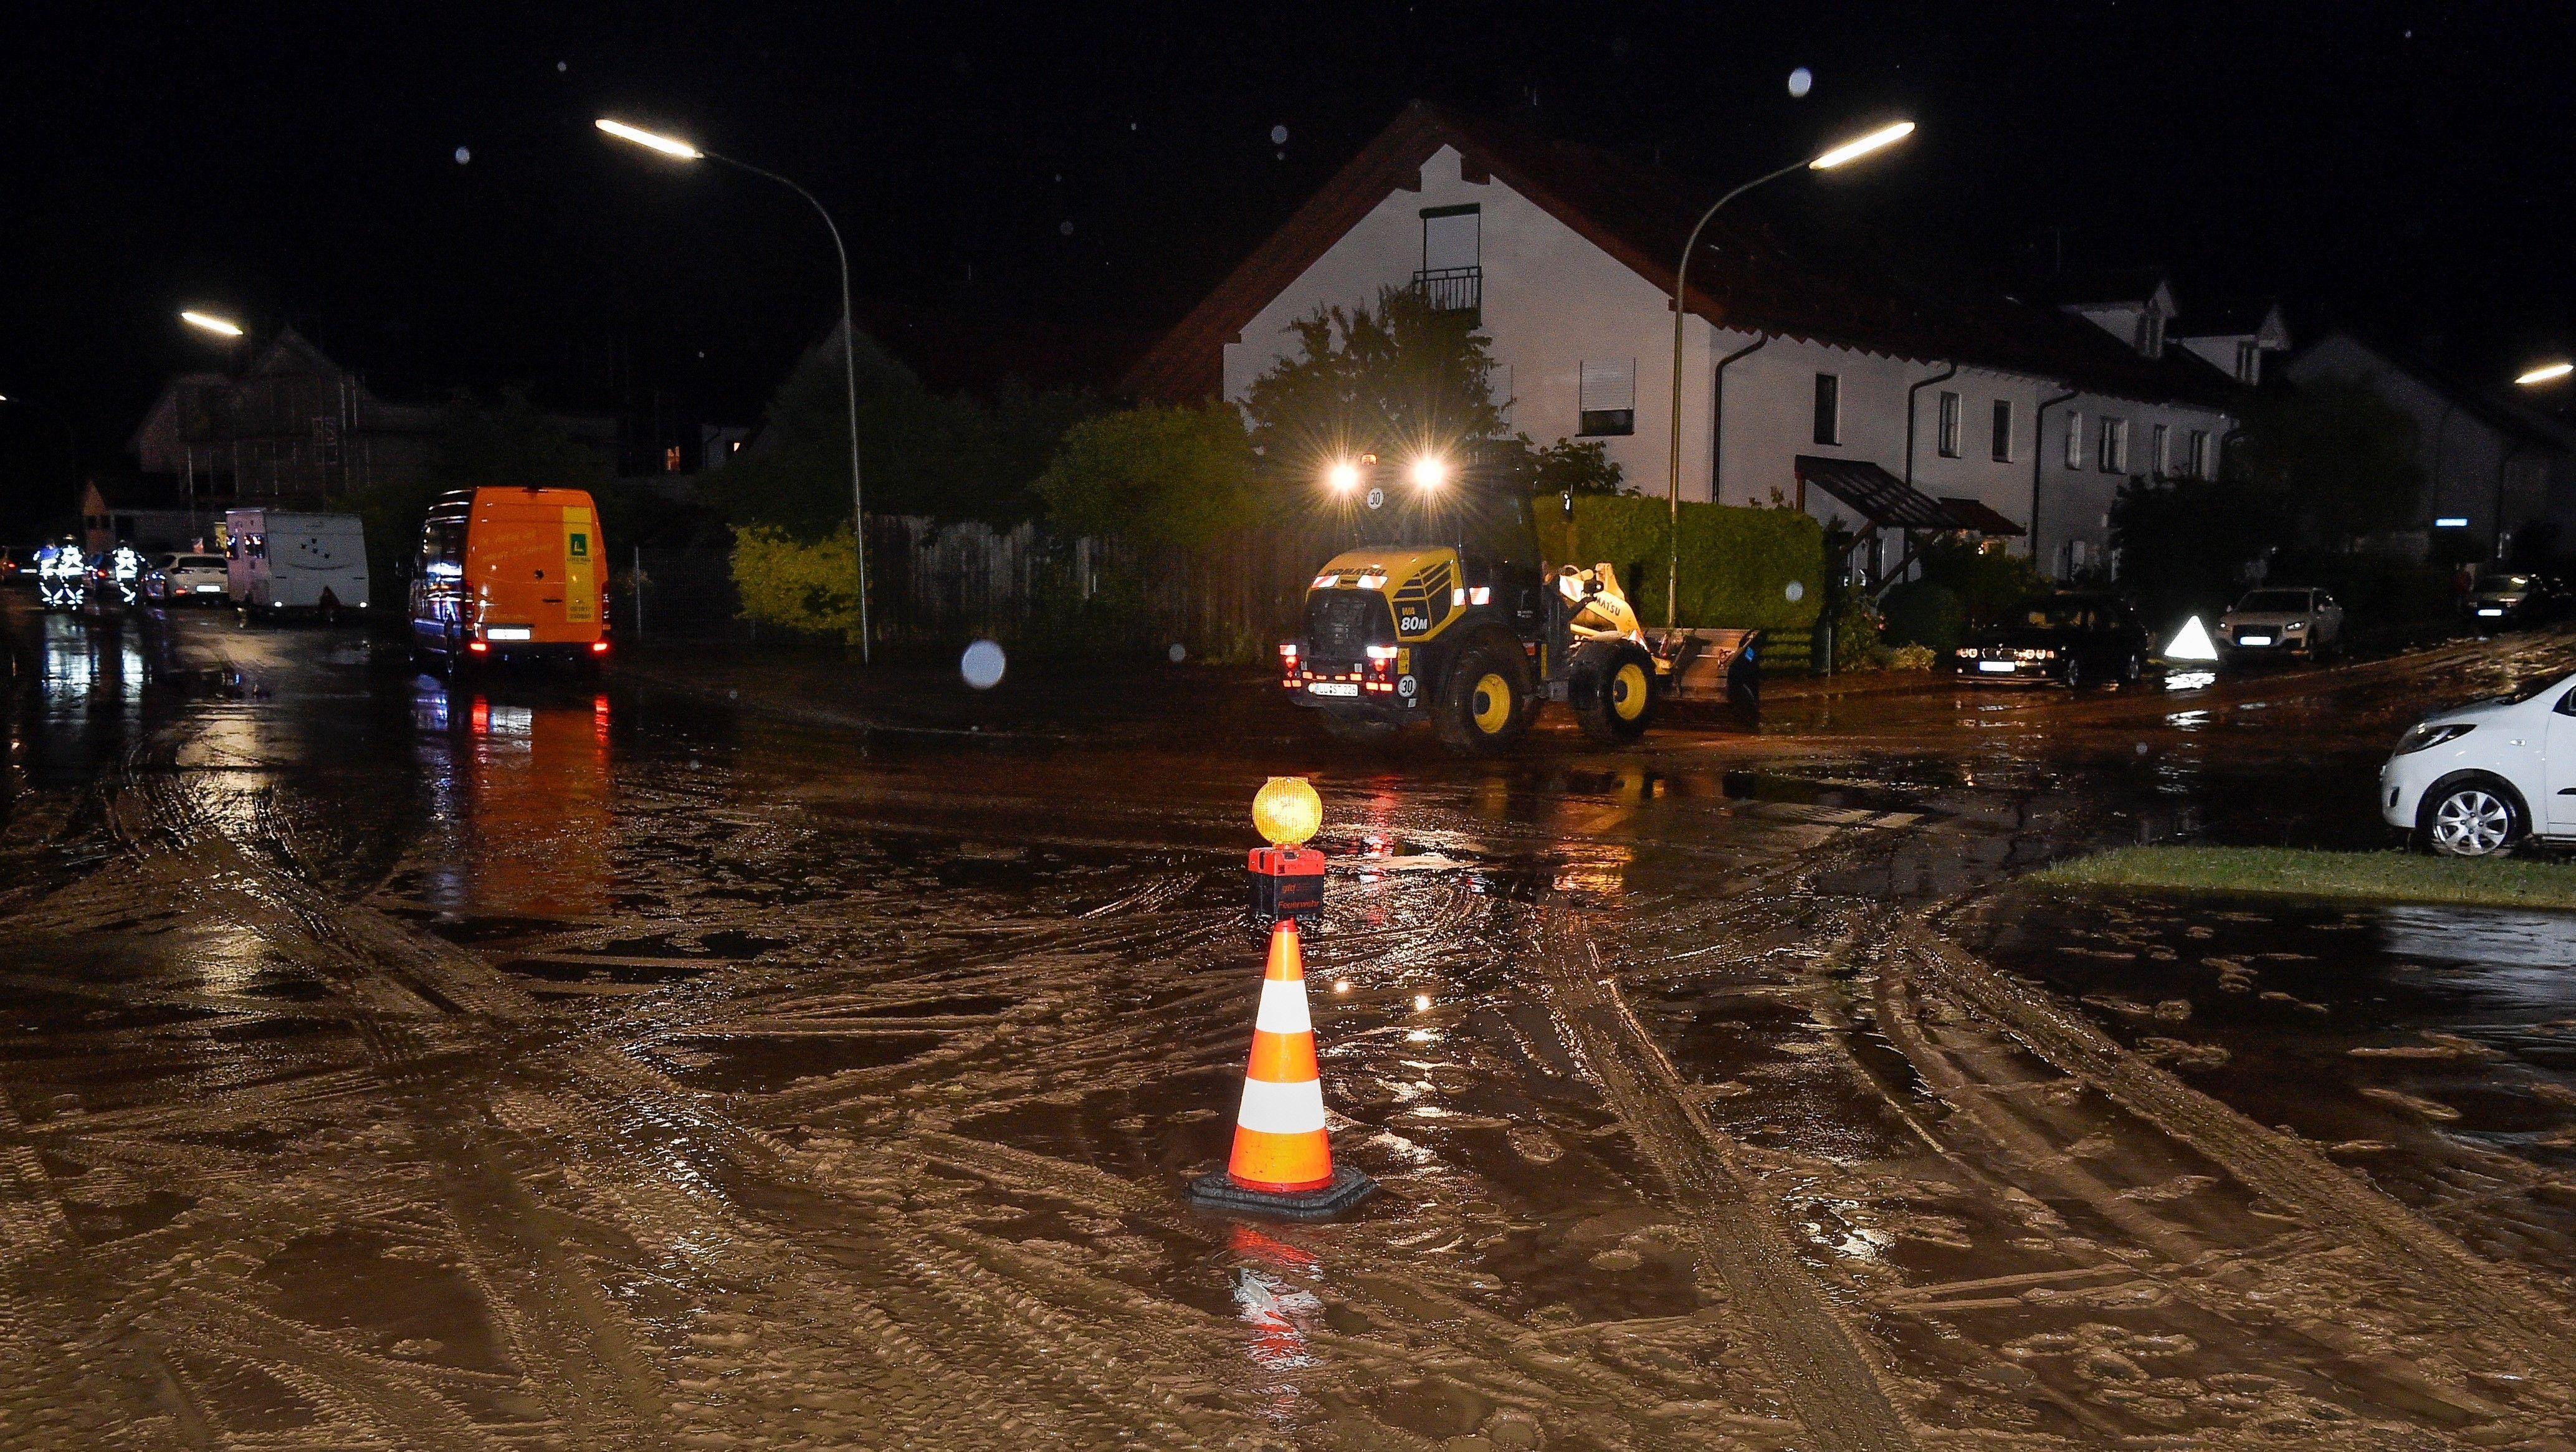 Der Starkregen in Landsberg spülte den Schlamm von einem benachbarten Acker ins Wohngebiet.